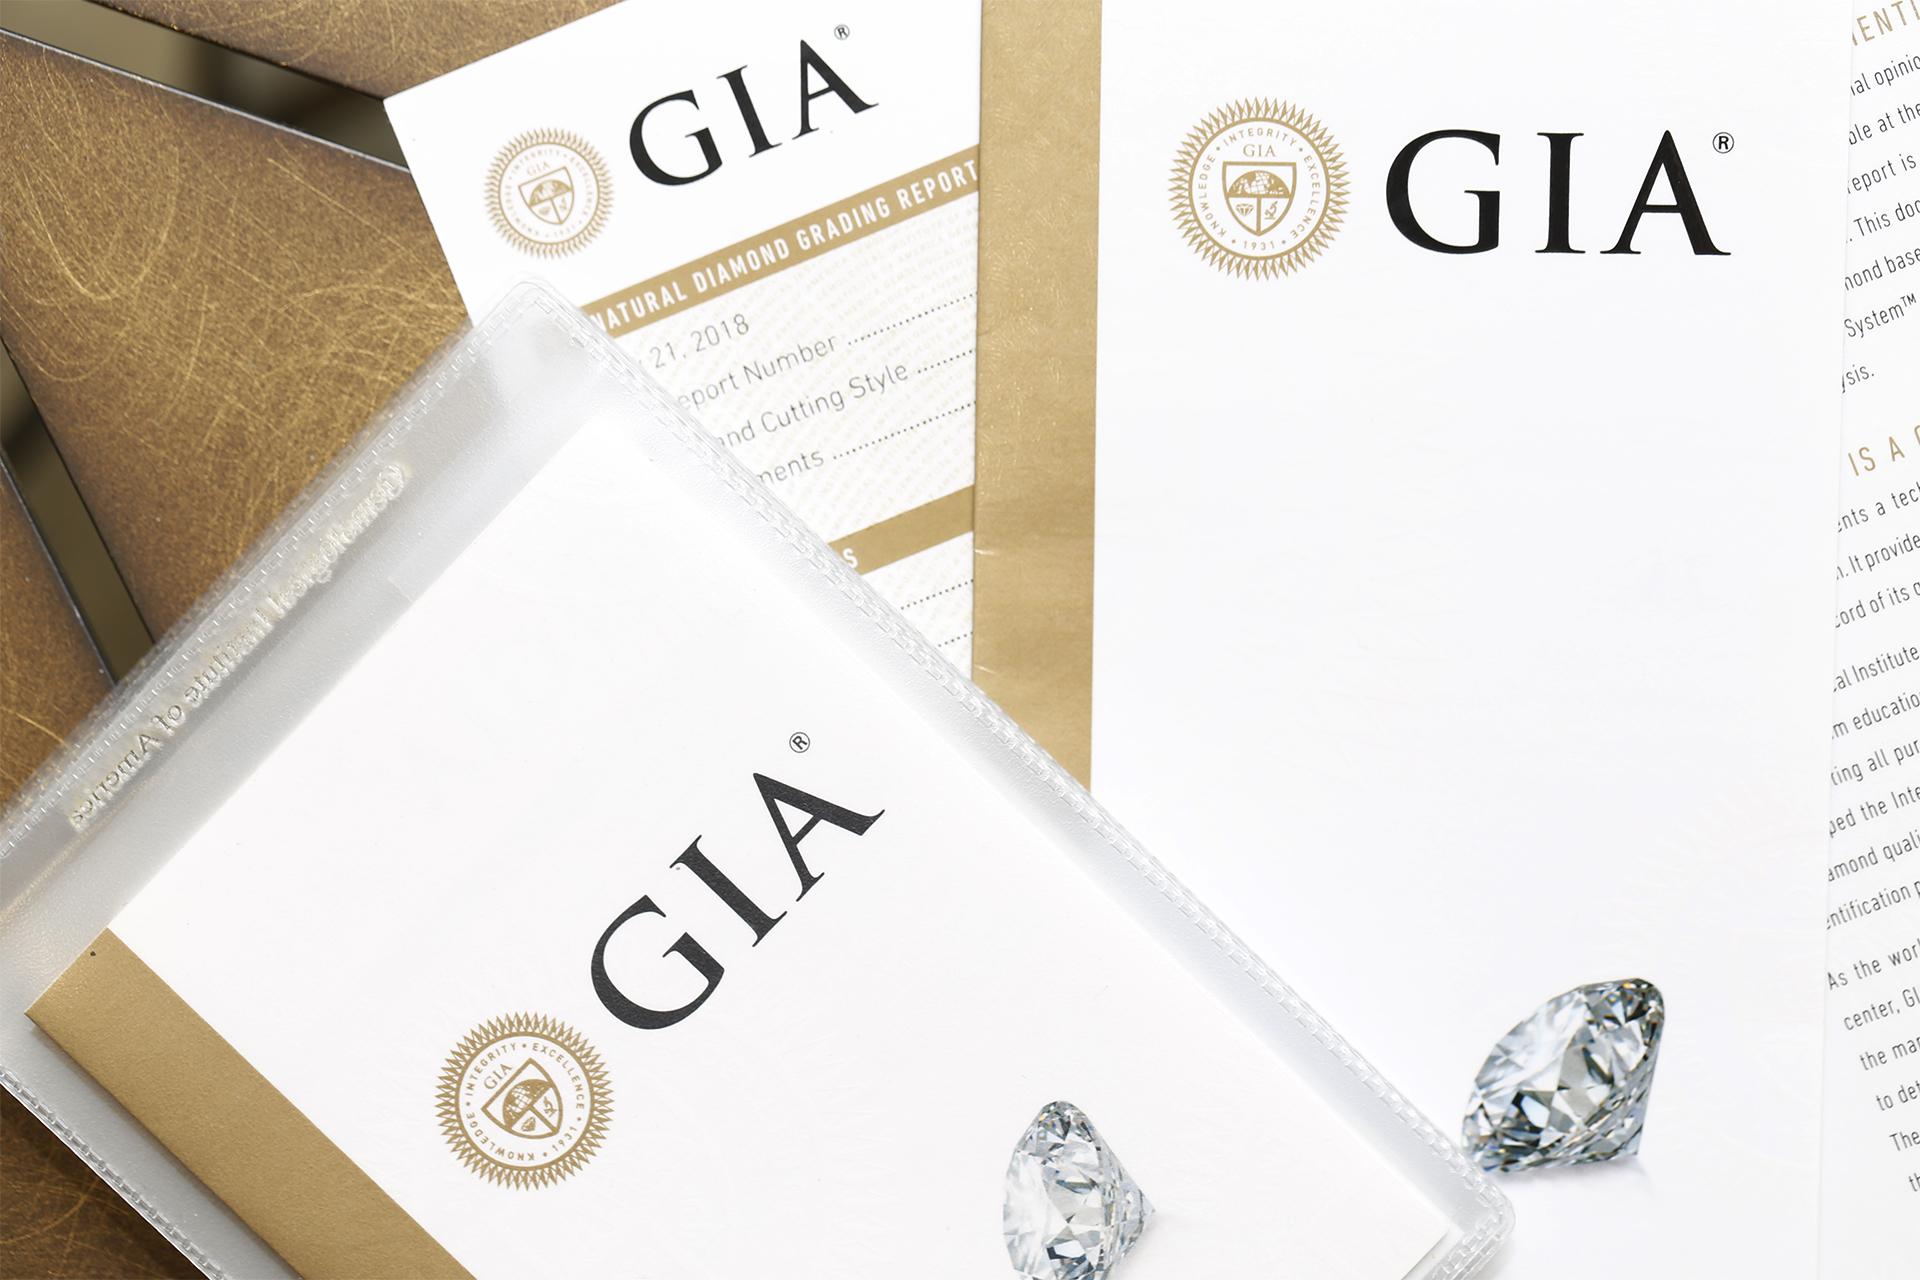 鑽石一定要買有GIA證書的鑽